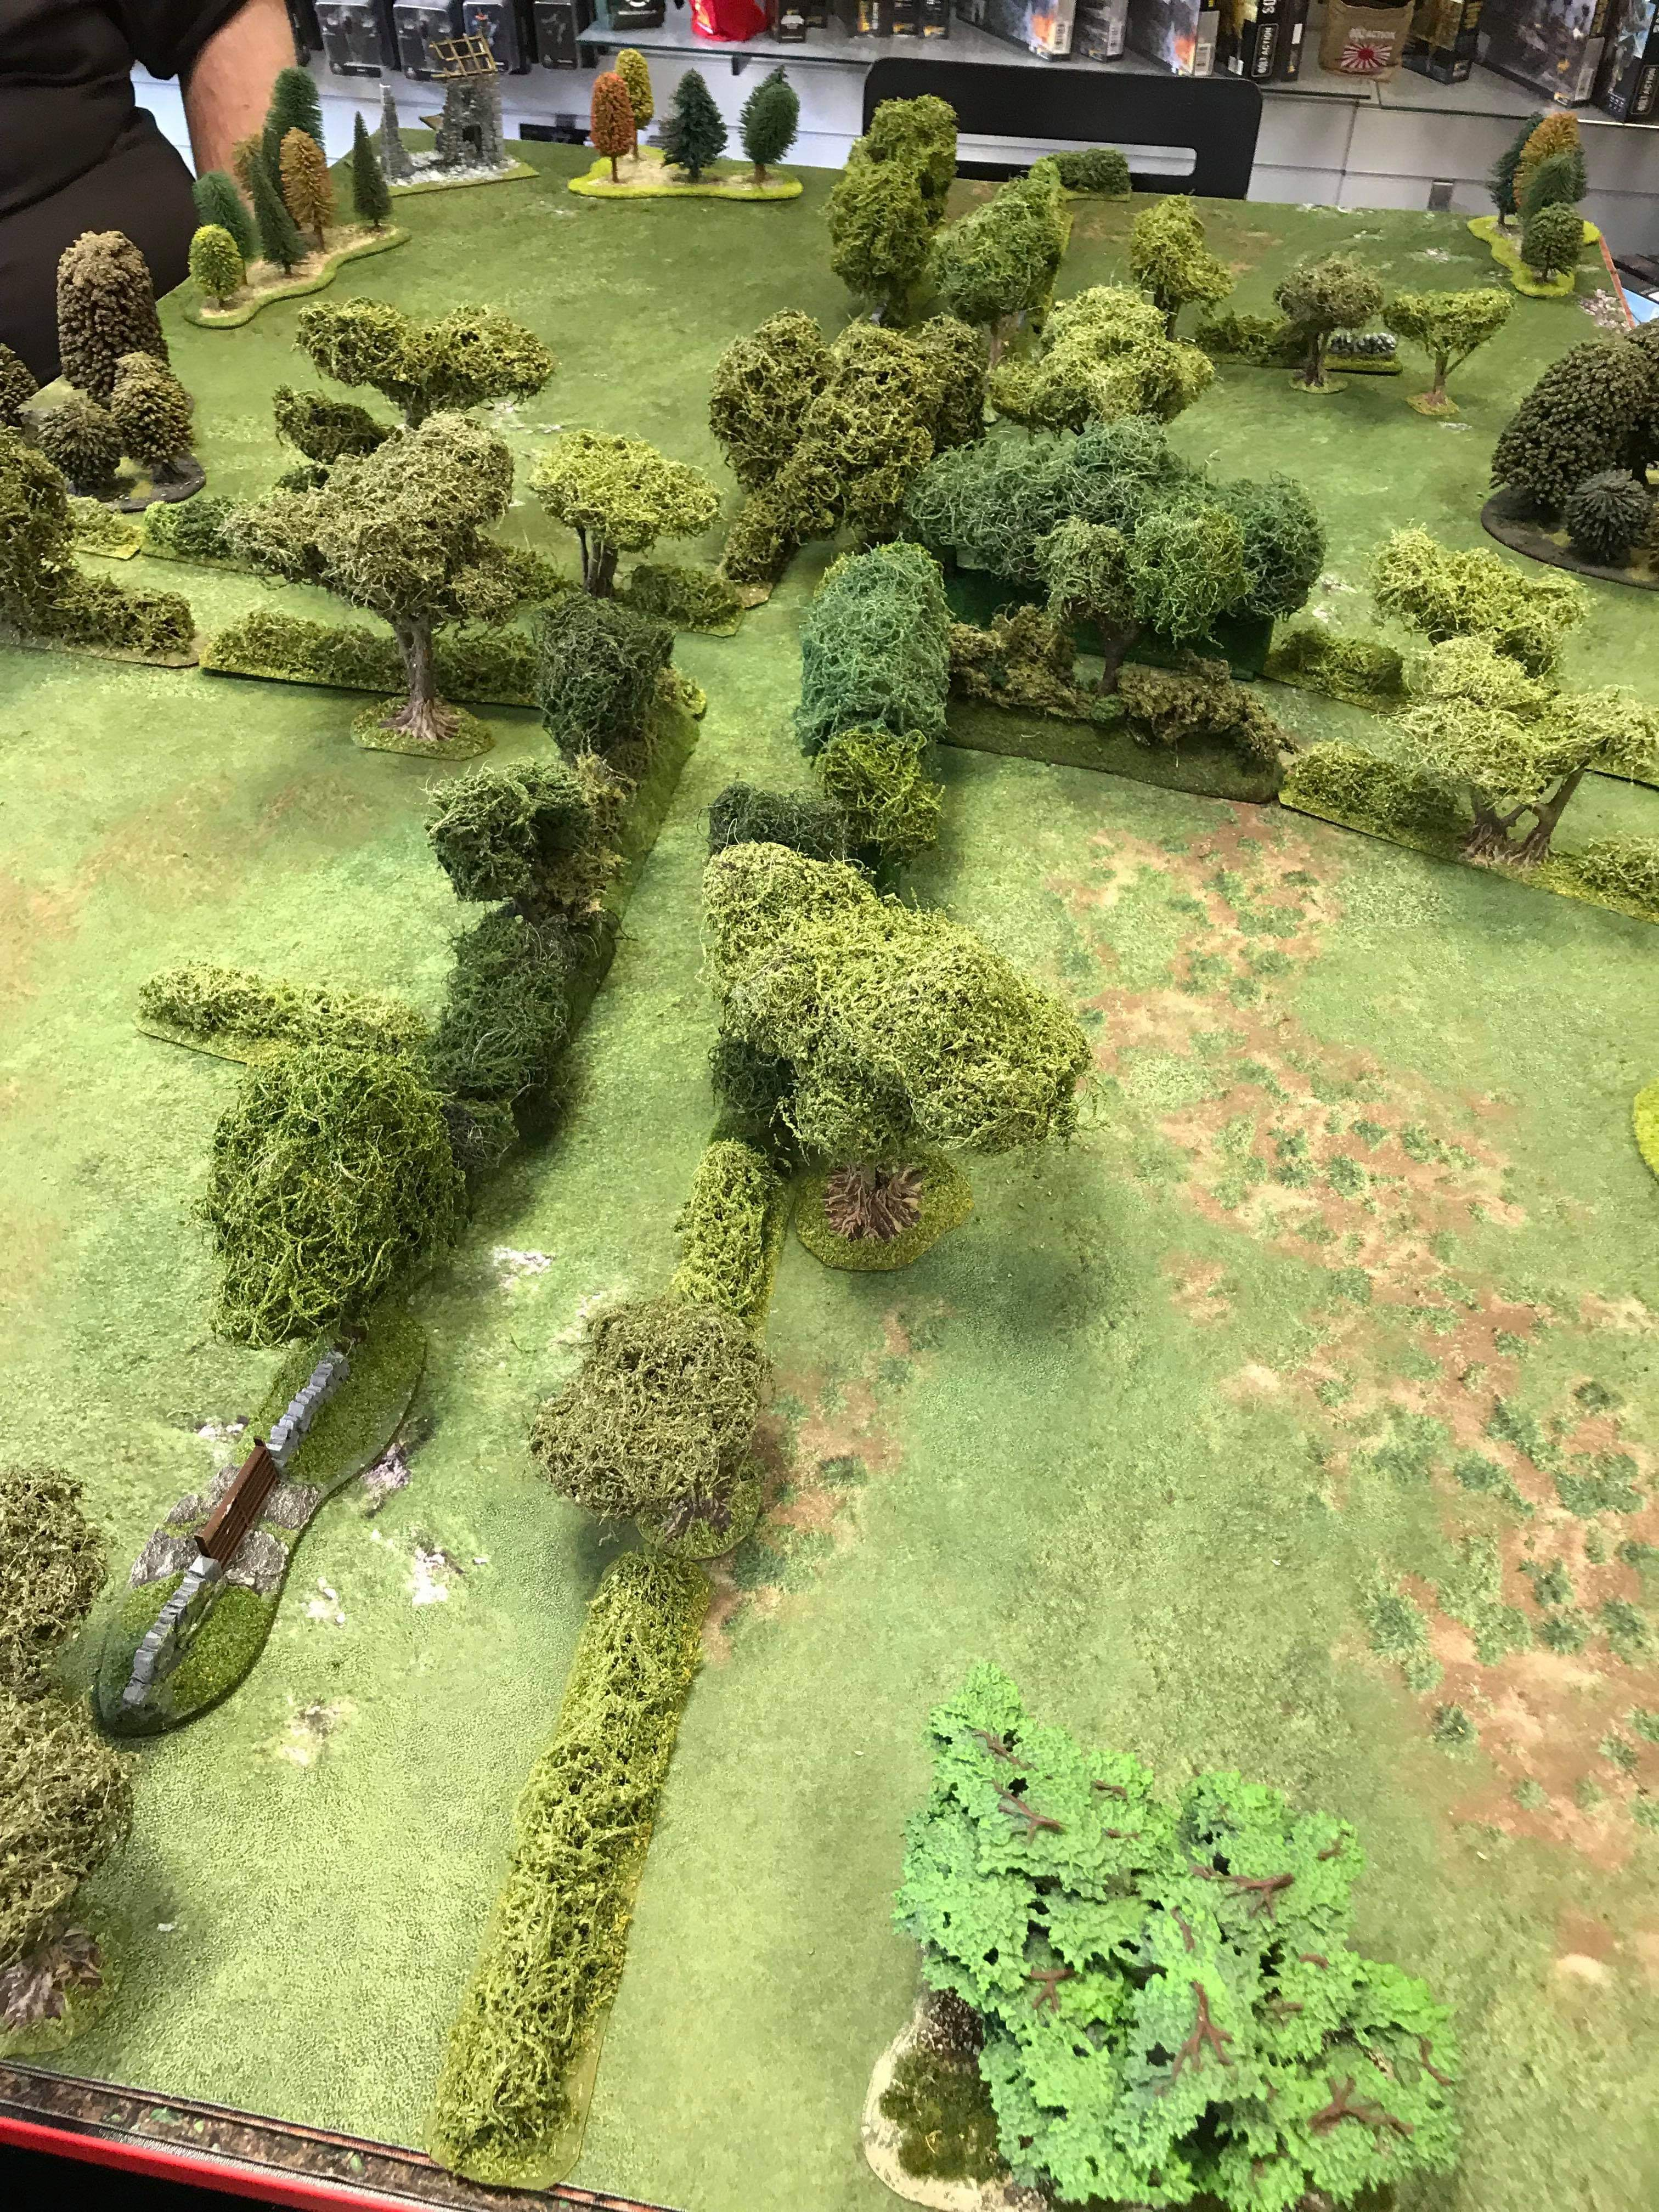 Jommes d'honneur versus Stalins Traitors in a fierce infantry engagement